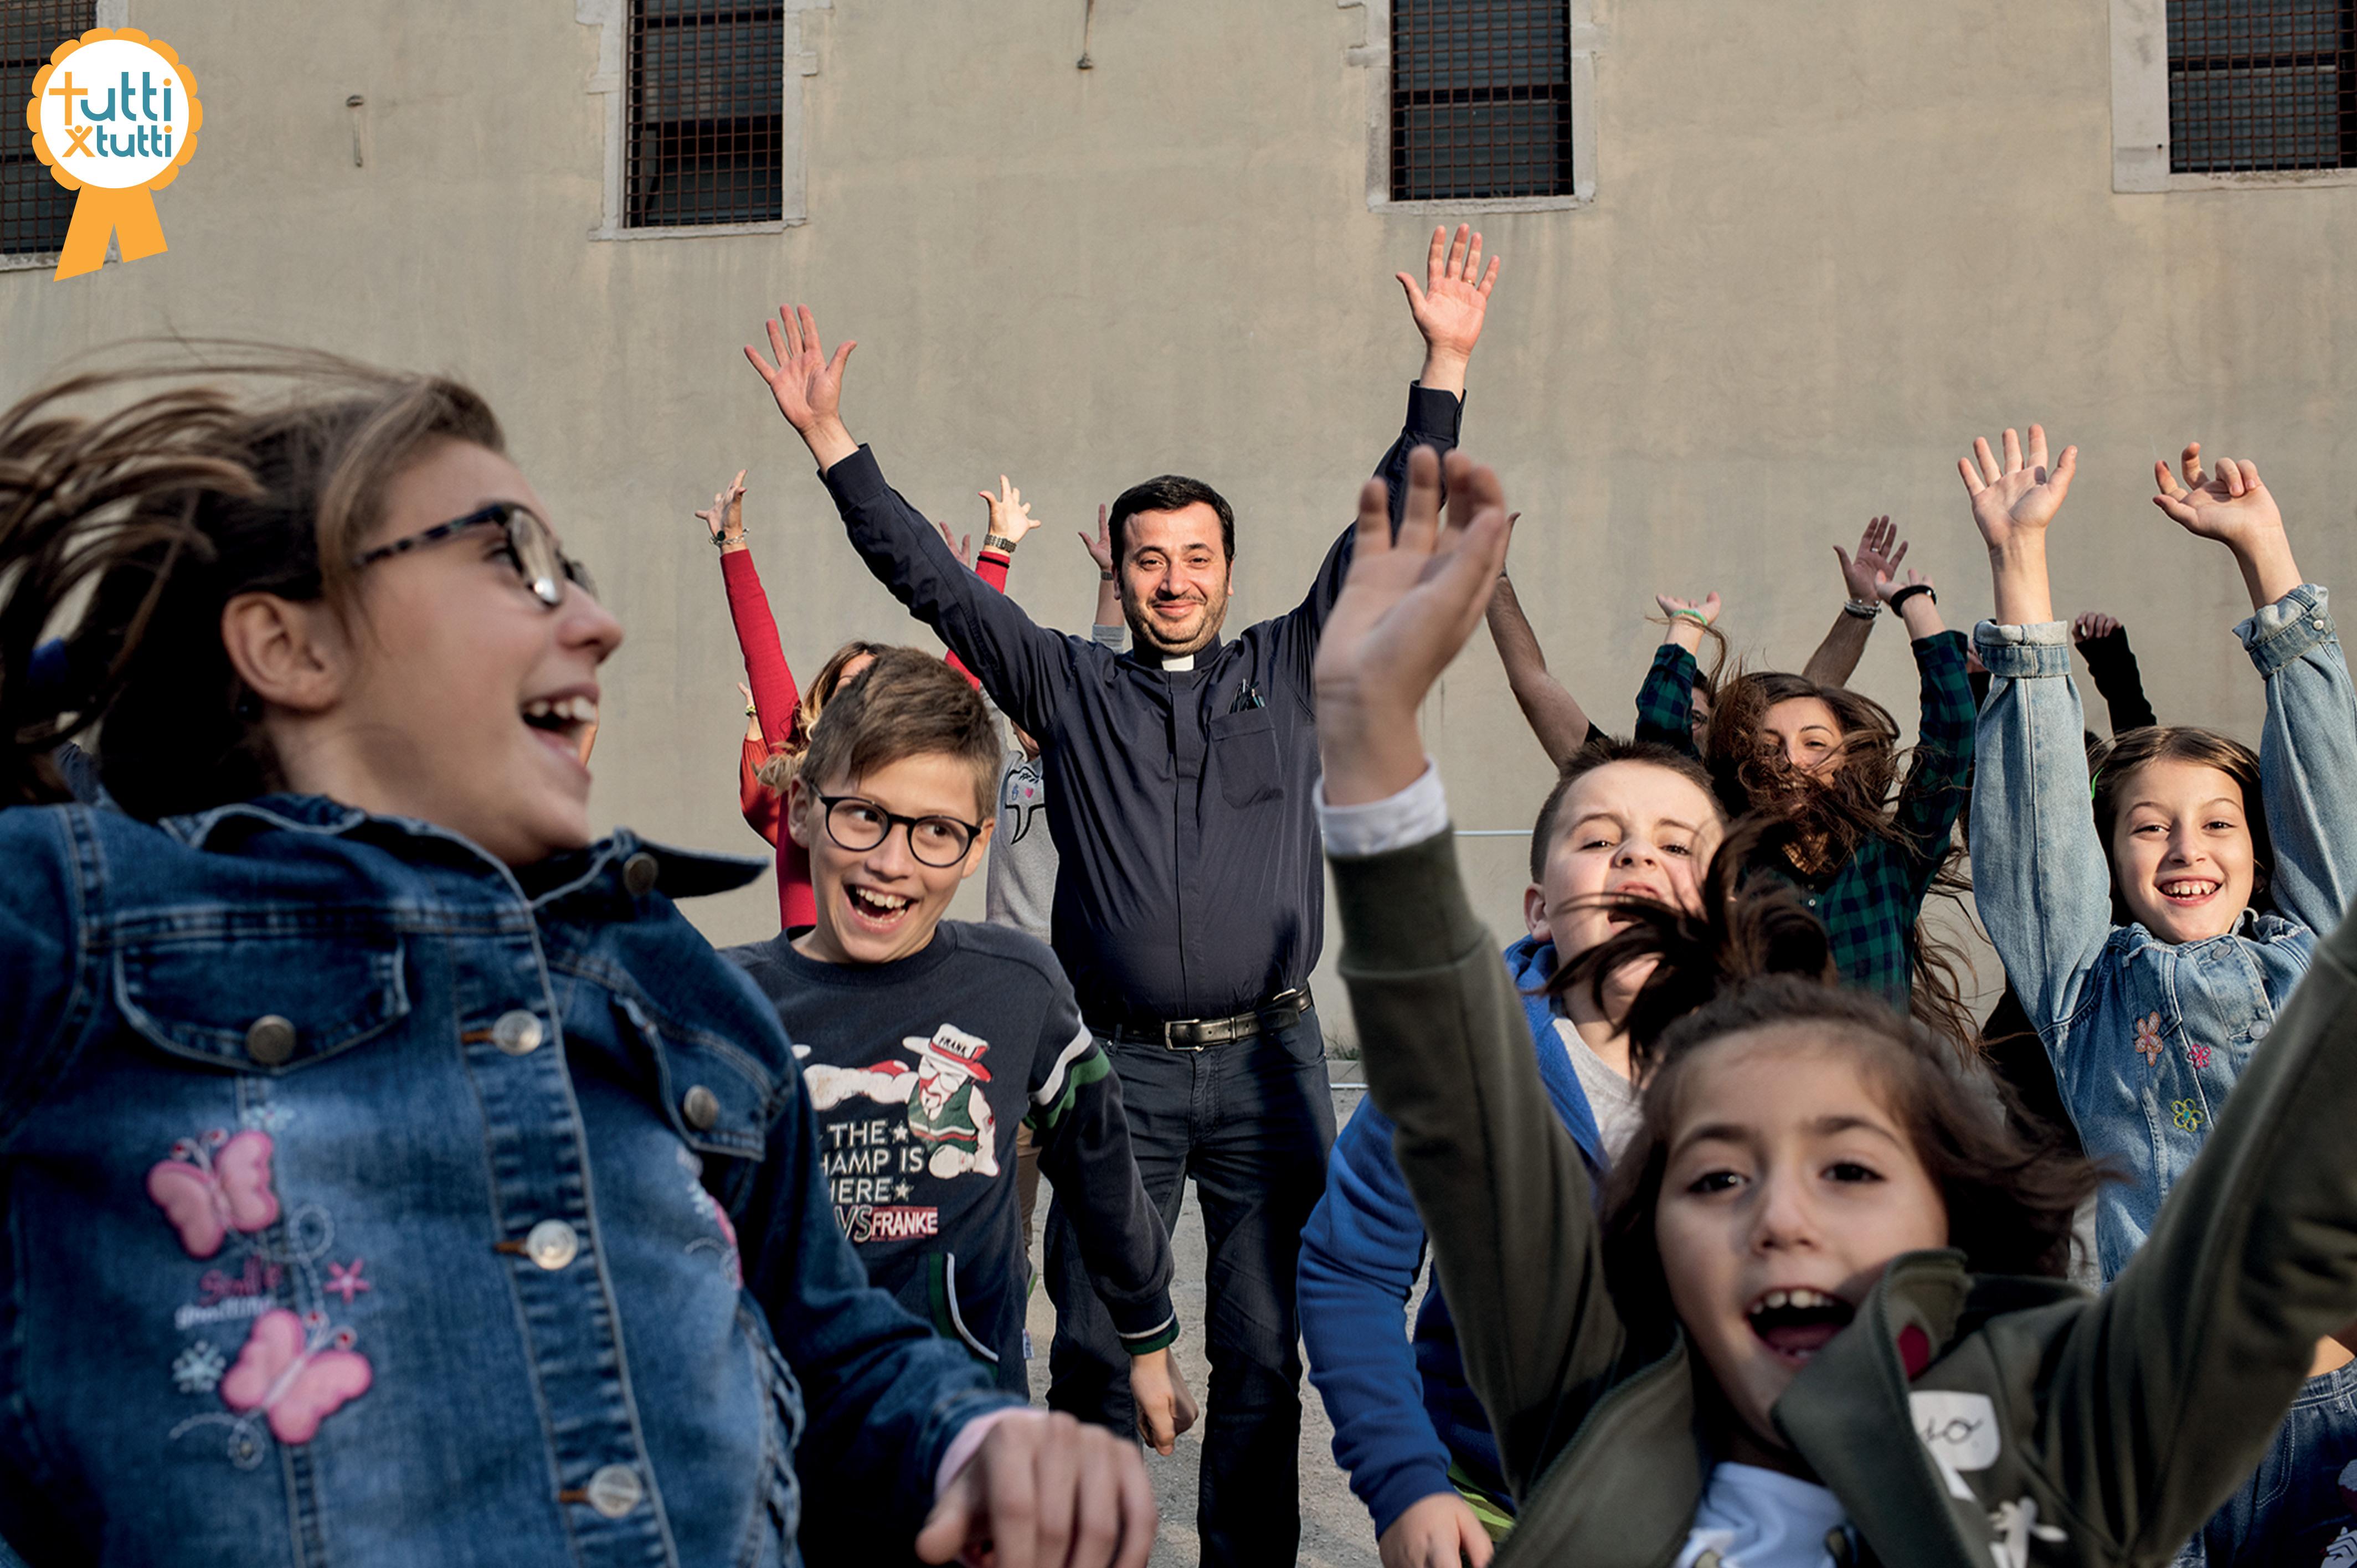 Cei / Torna TuttixTutti, il concorso che premia le parrocchie. Scopo dell'iniziativa i progetti di utilità sociale